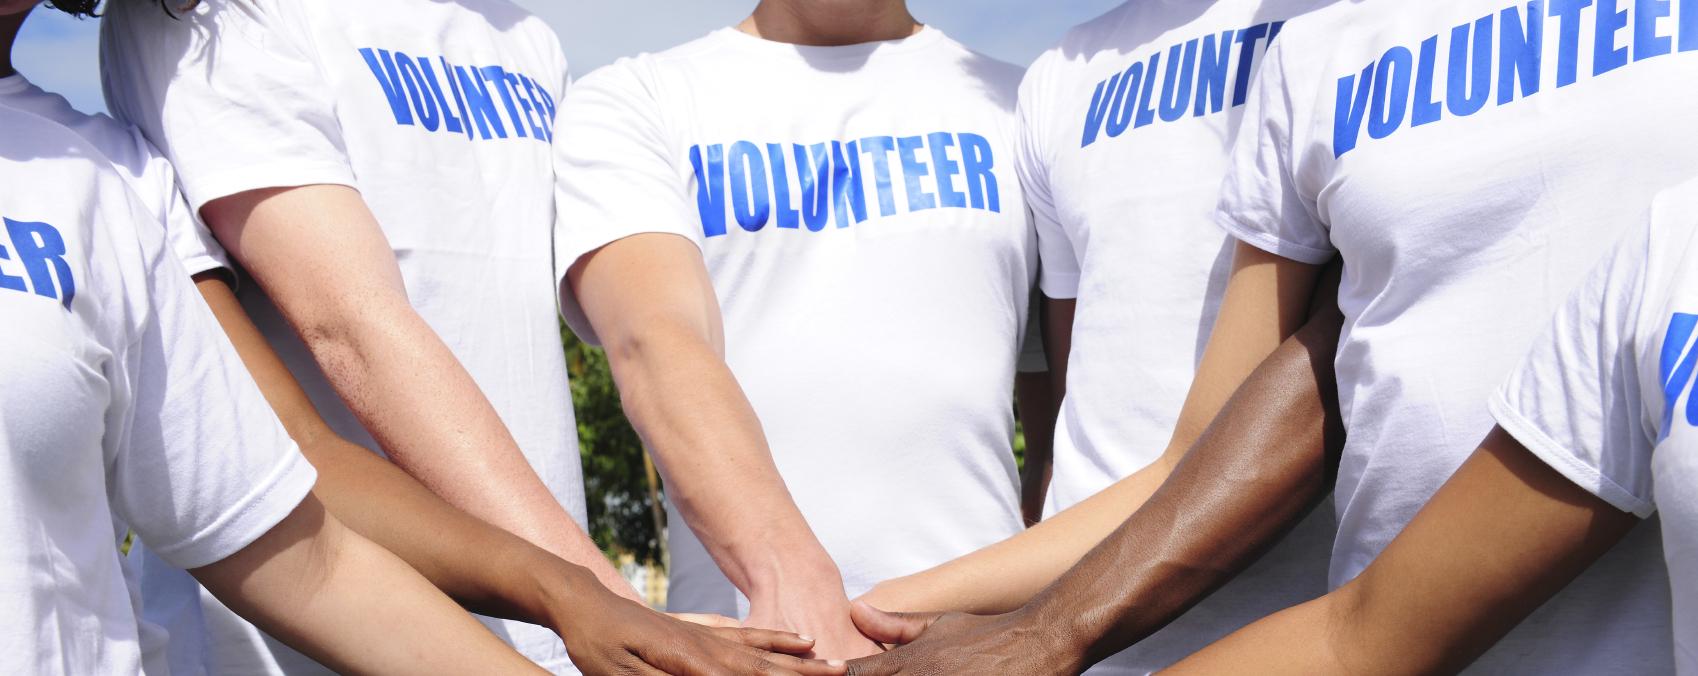 Картинки по запросу sports volunteers